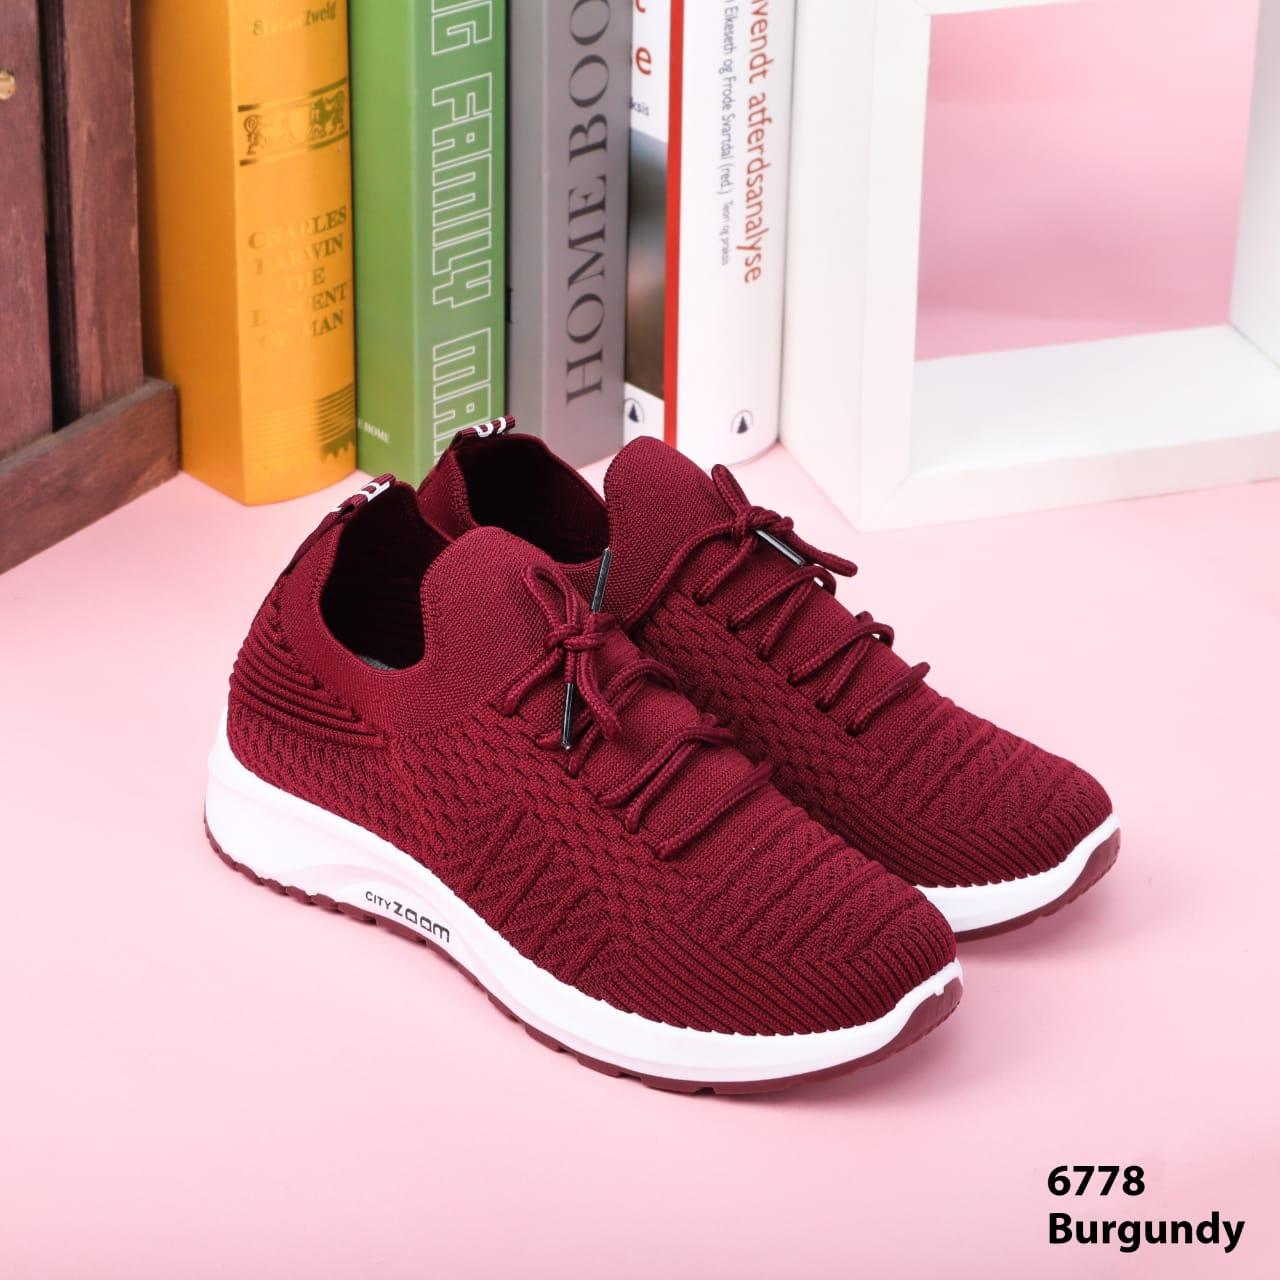 Sepatu sneakers import terbaru di indonesia surabaya 6778,